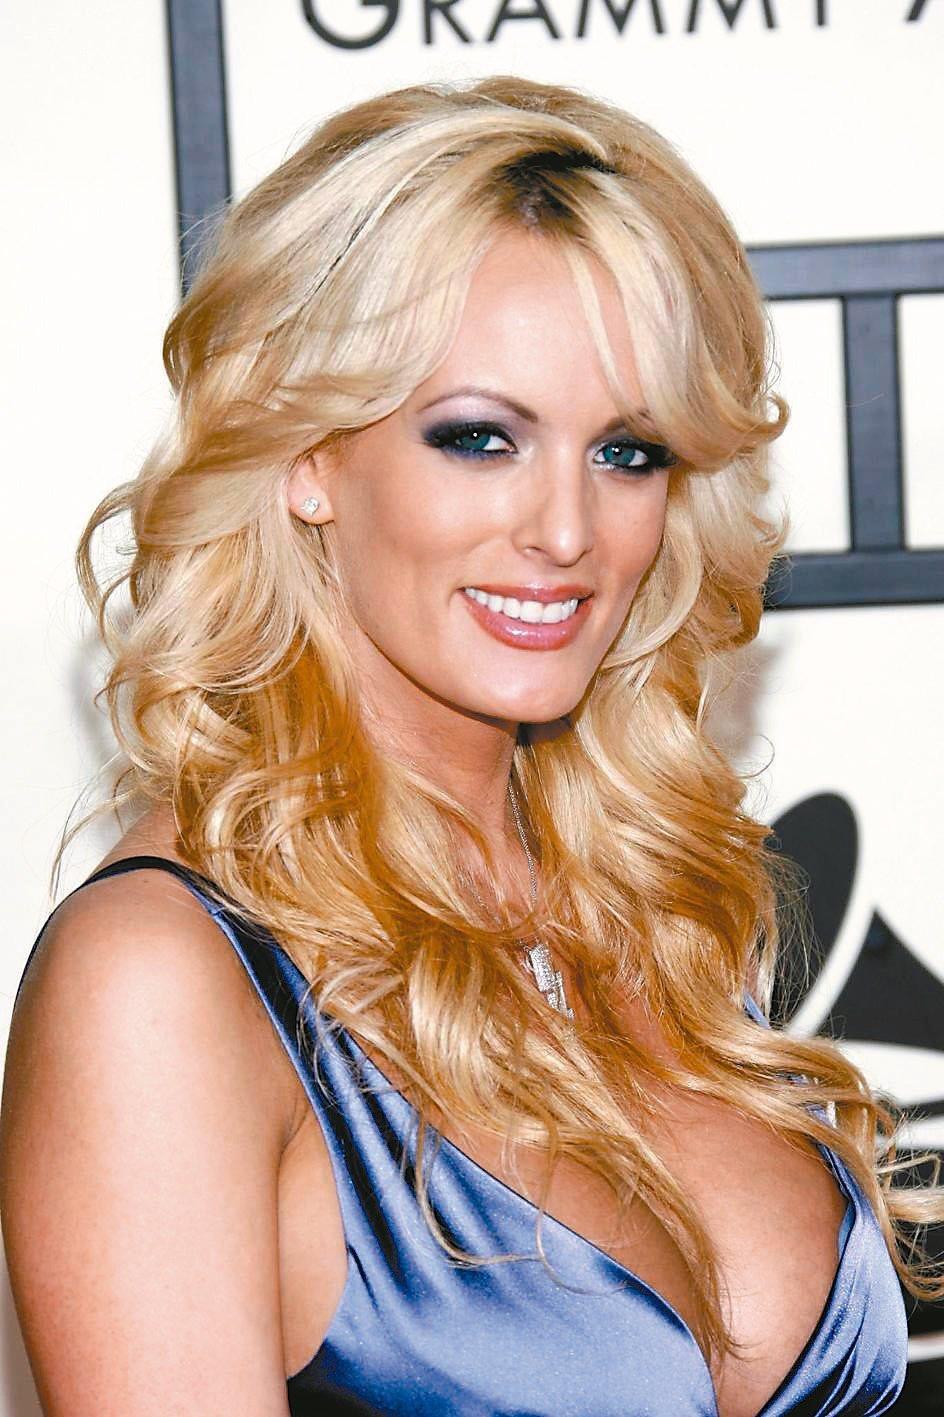 A片女星爆料,曾與川普發生性關係,參選後律師同意支付13萬美元封口費。歐新社